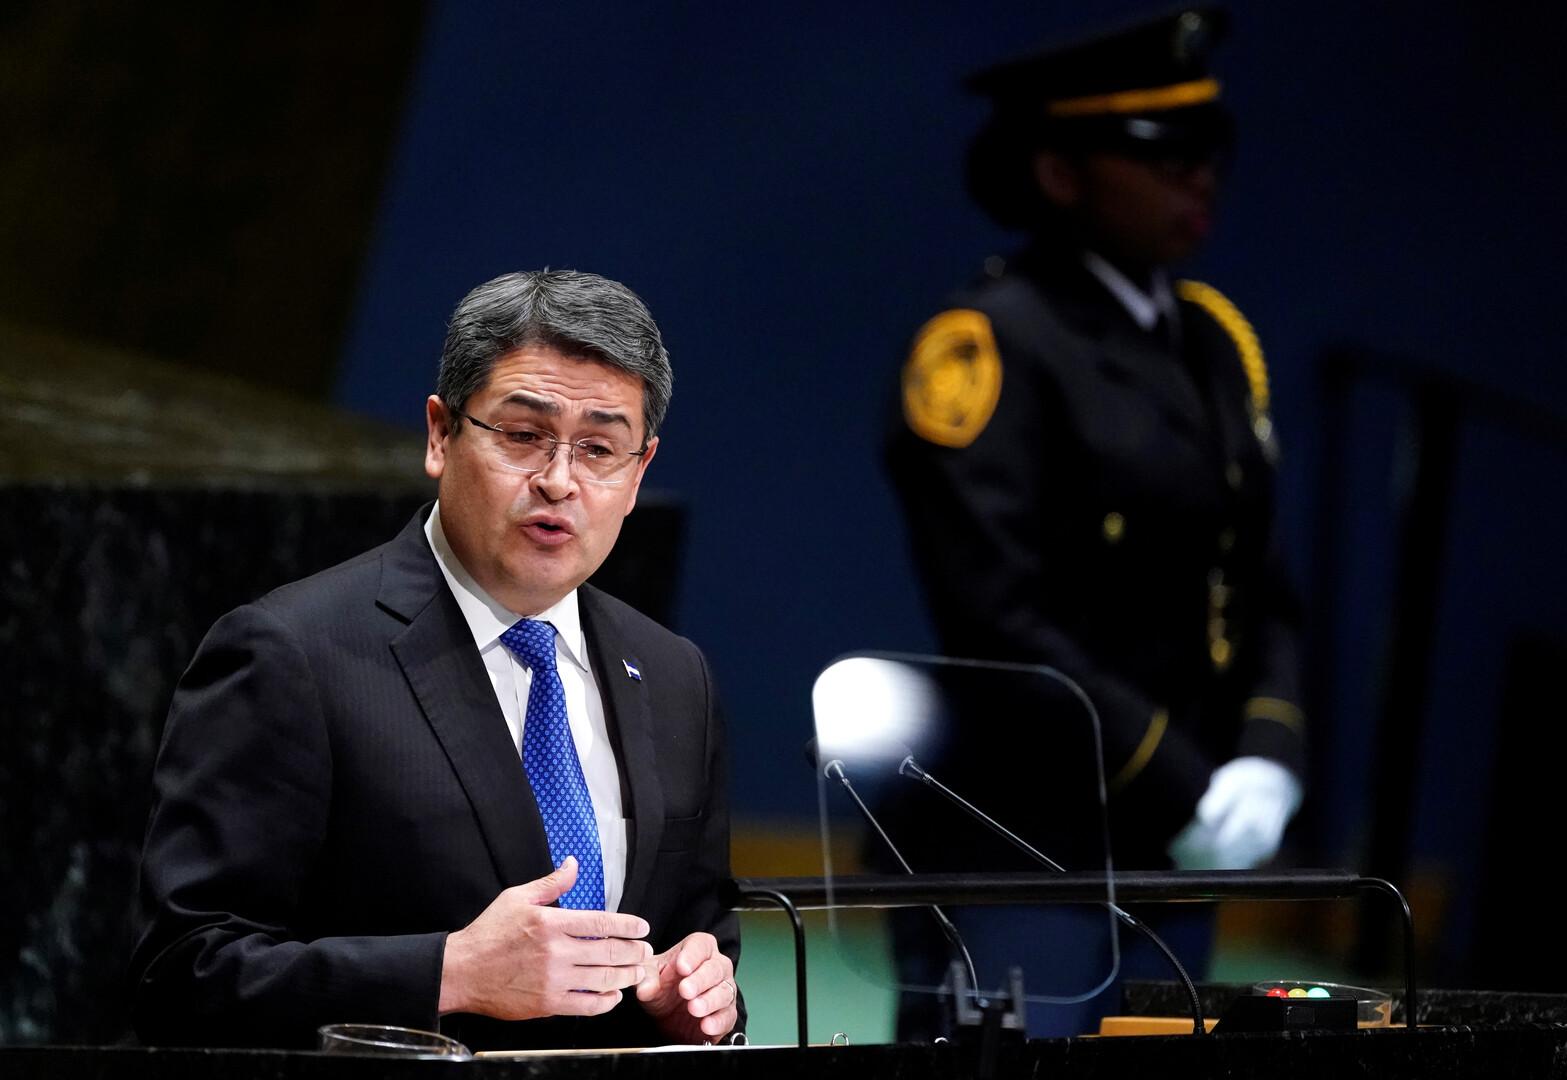 اتهام رئيس هندوراس بتلقي ملايين الدولارات من مهربي المخدرات!